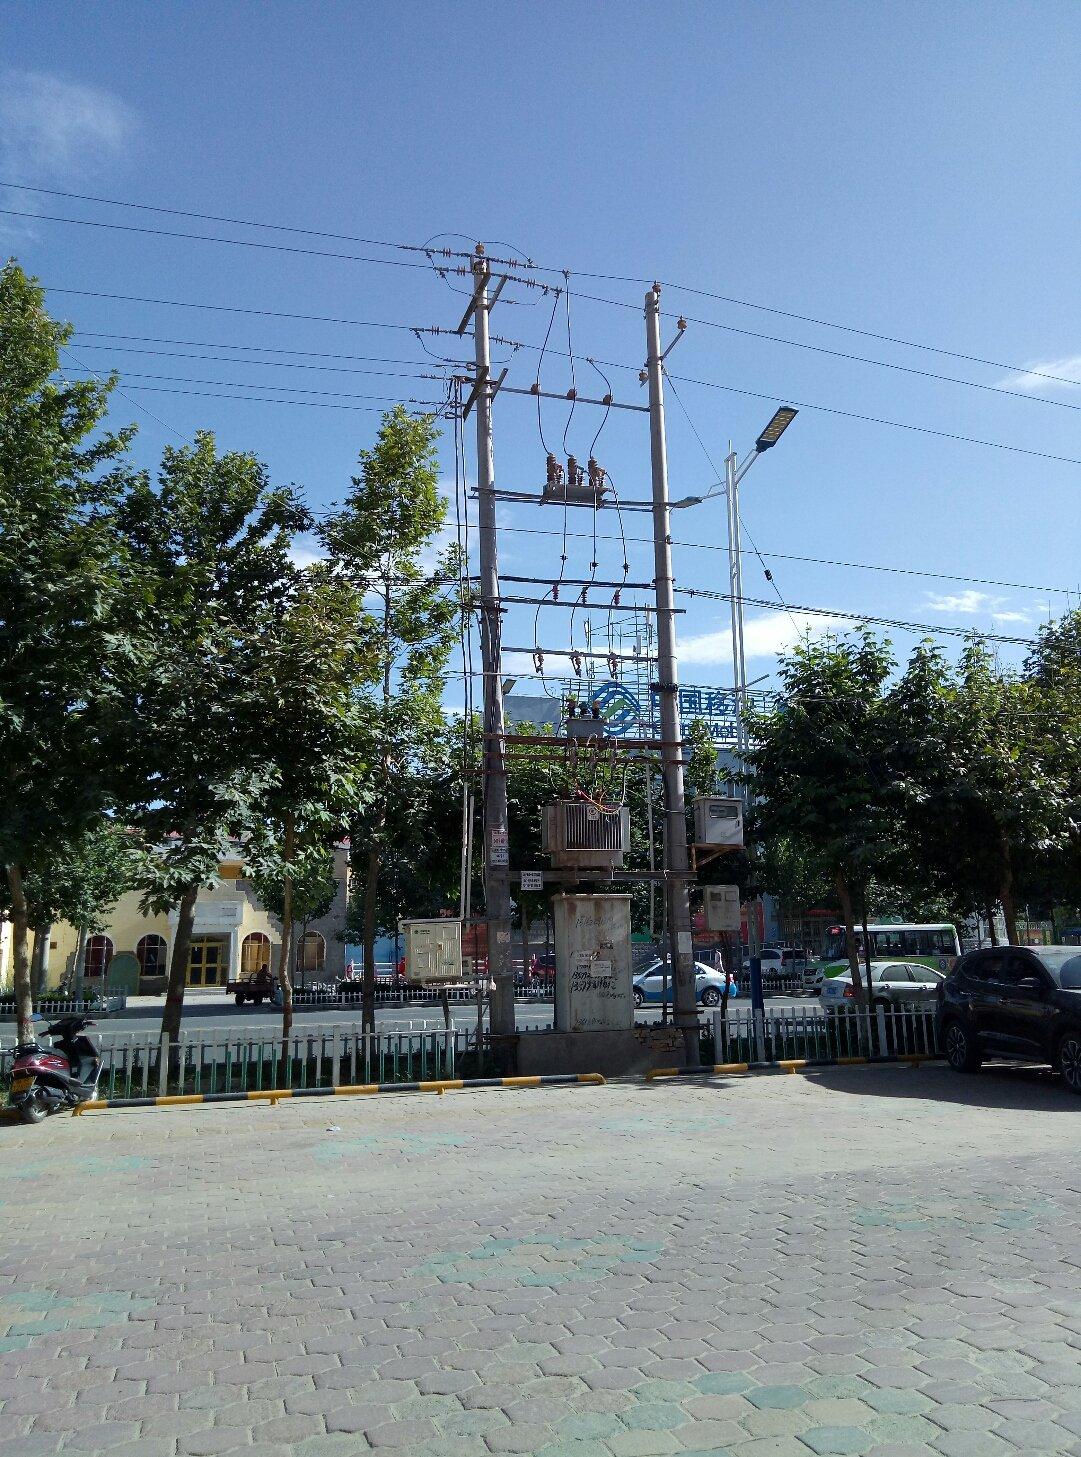 新疆维吾尔自治区和田地区策勒县英巴扎东路靠近策勒县国家税务局天气预报